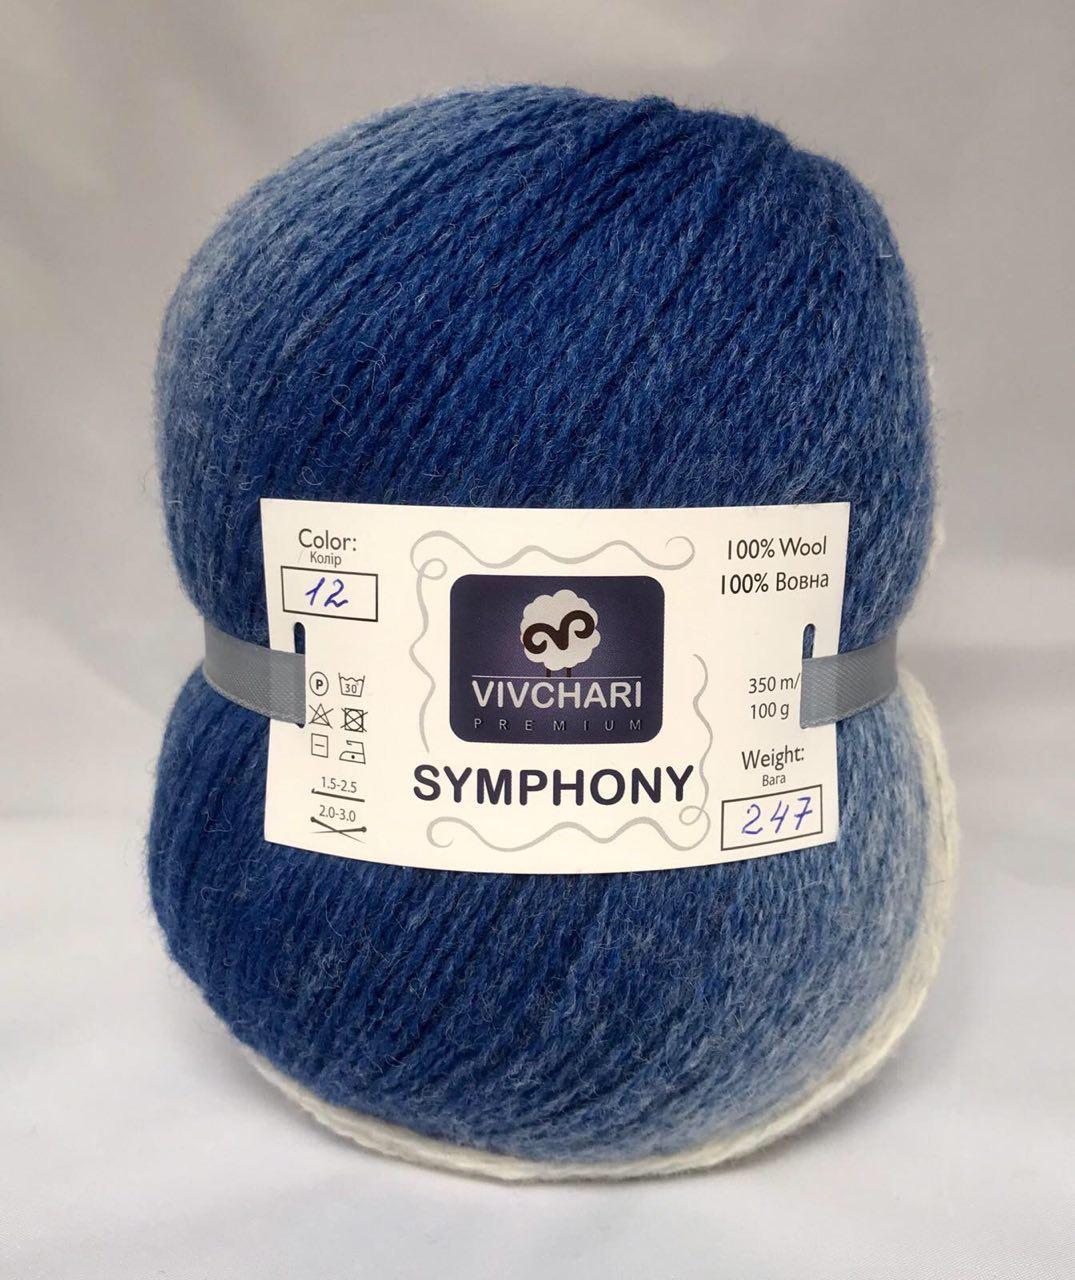 Пряжа шерстяная Vivchari Premium Symphony, Color No.12 сине-голубо-белый меланж